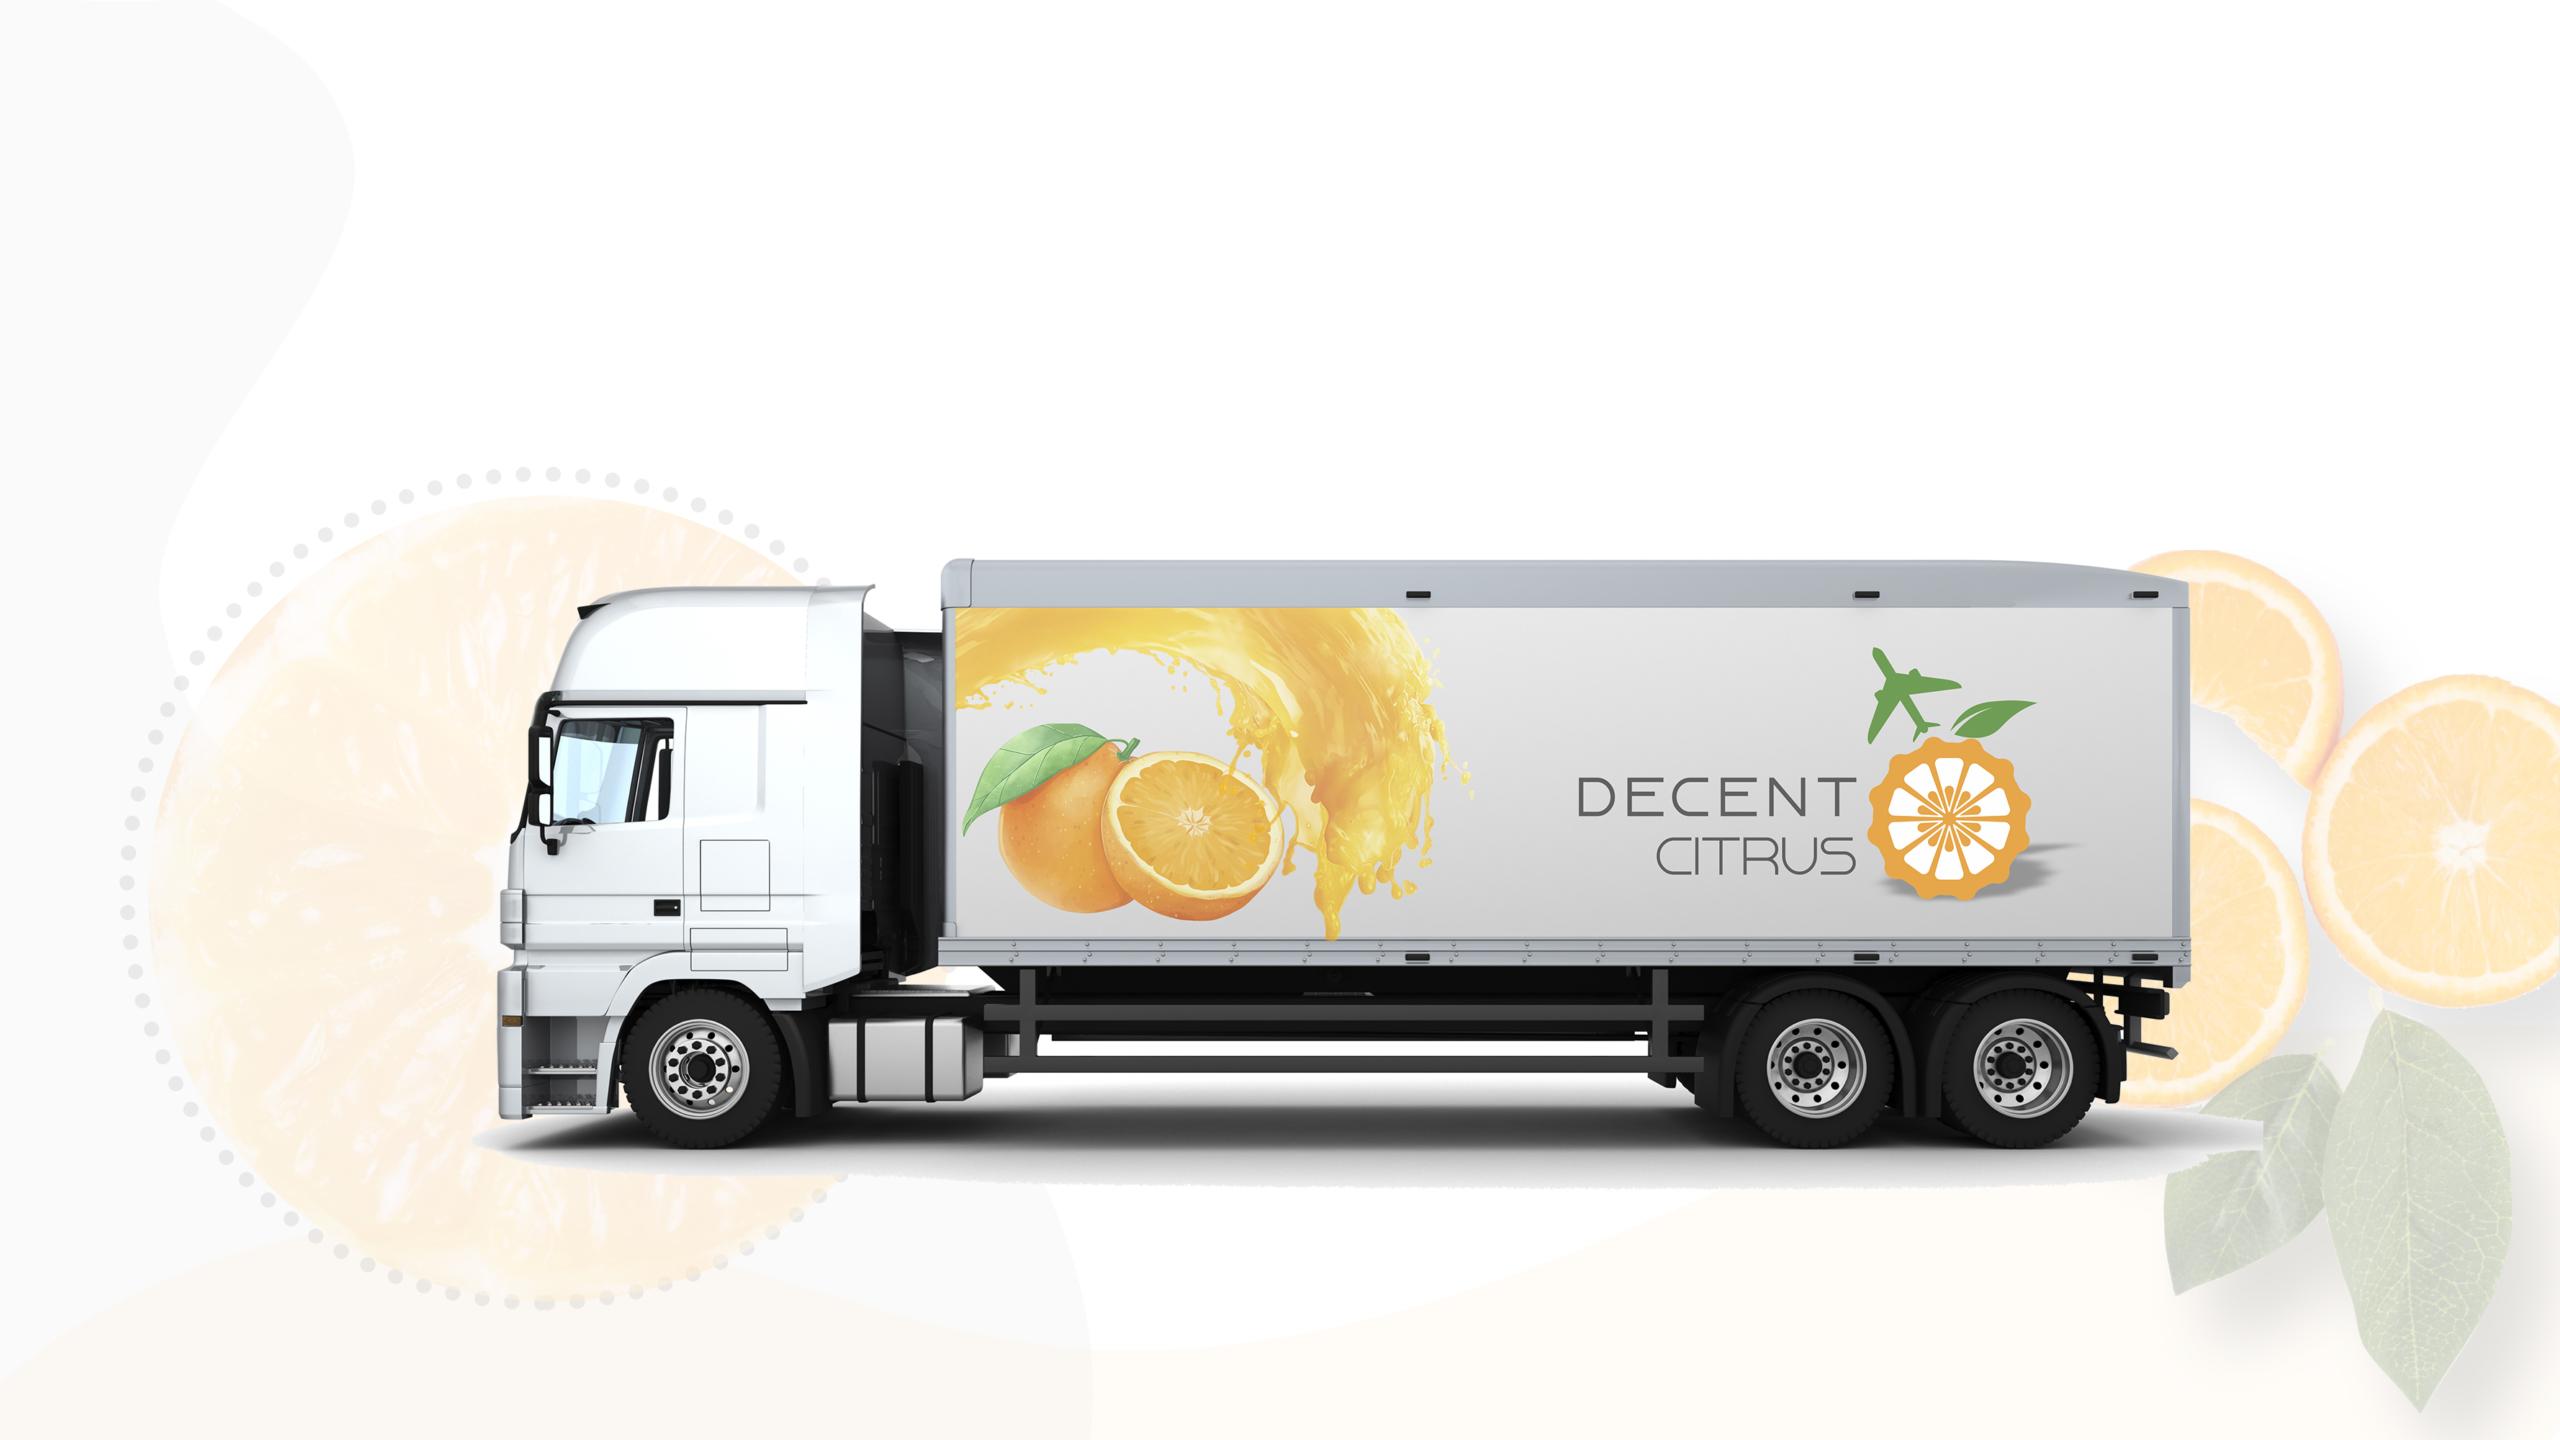 Decent Citrus